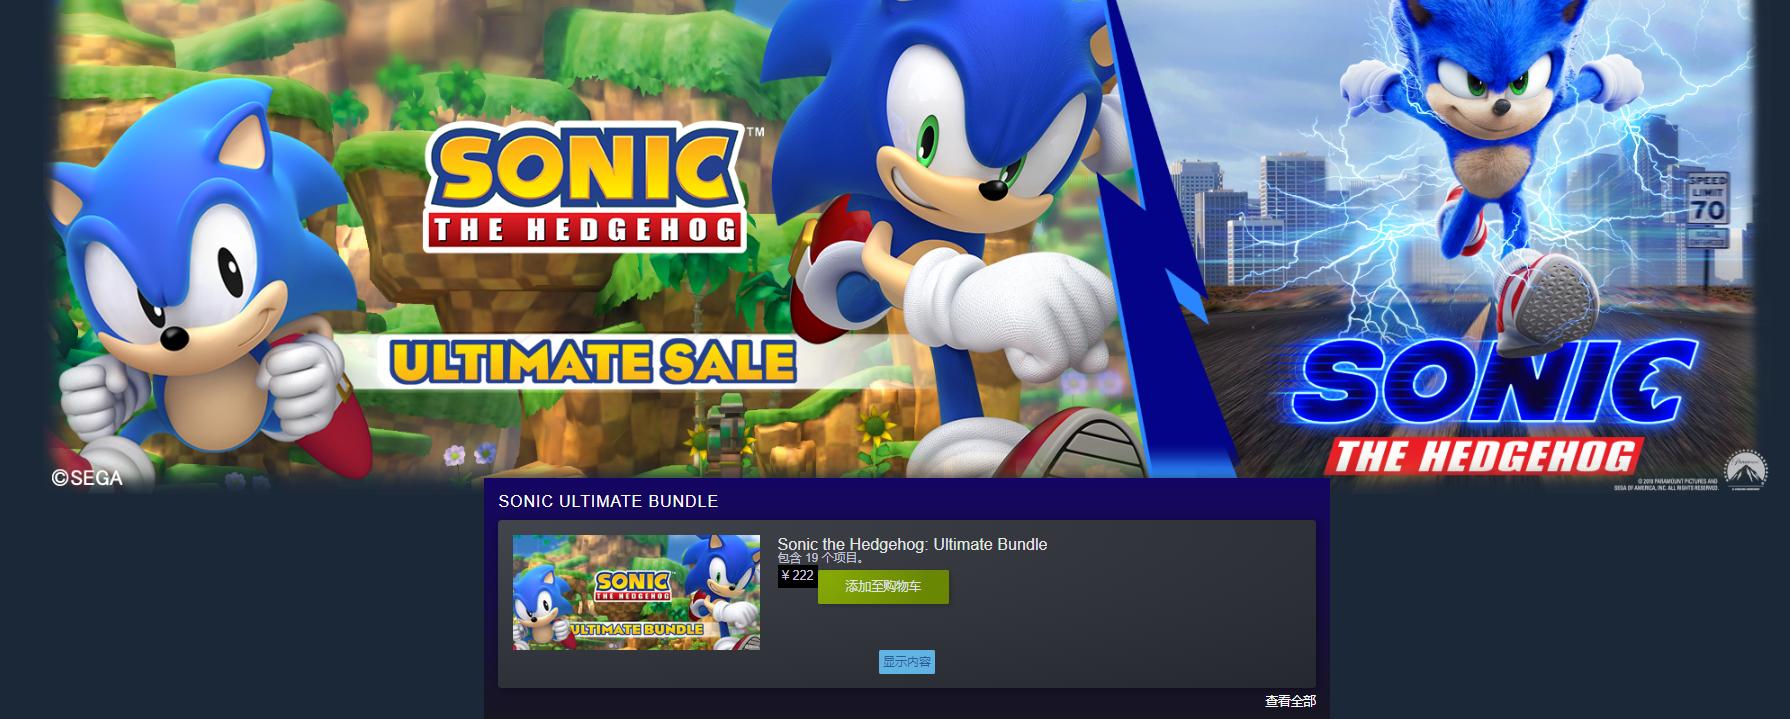 Steam开启《索尼克》系列终极特卖 史低大合集满足粉丝